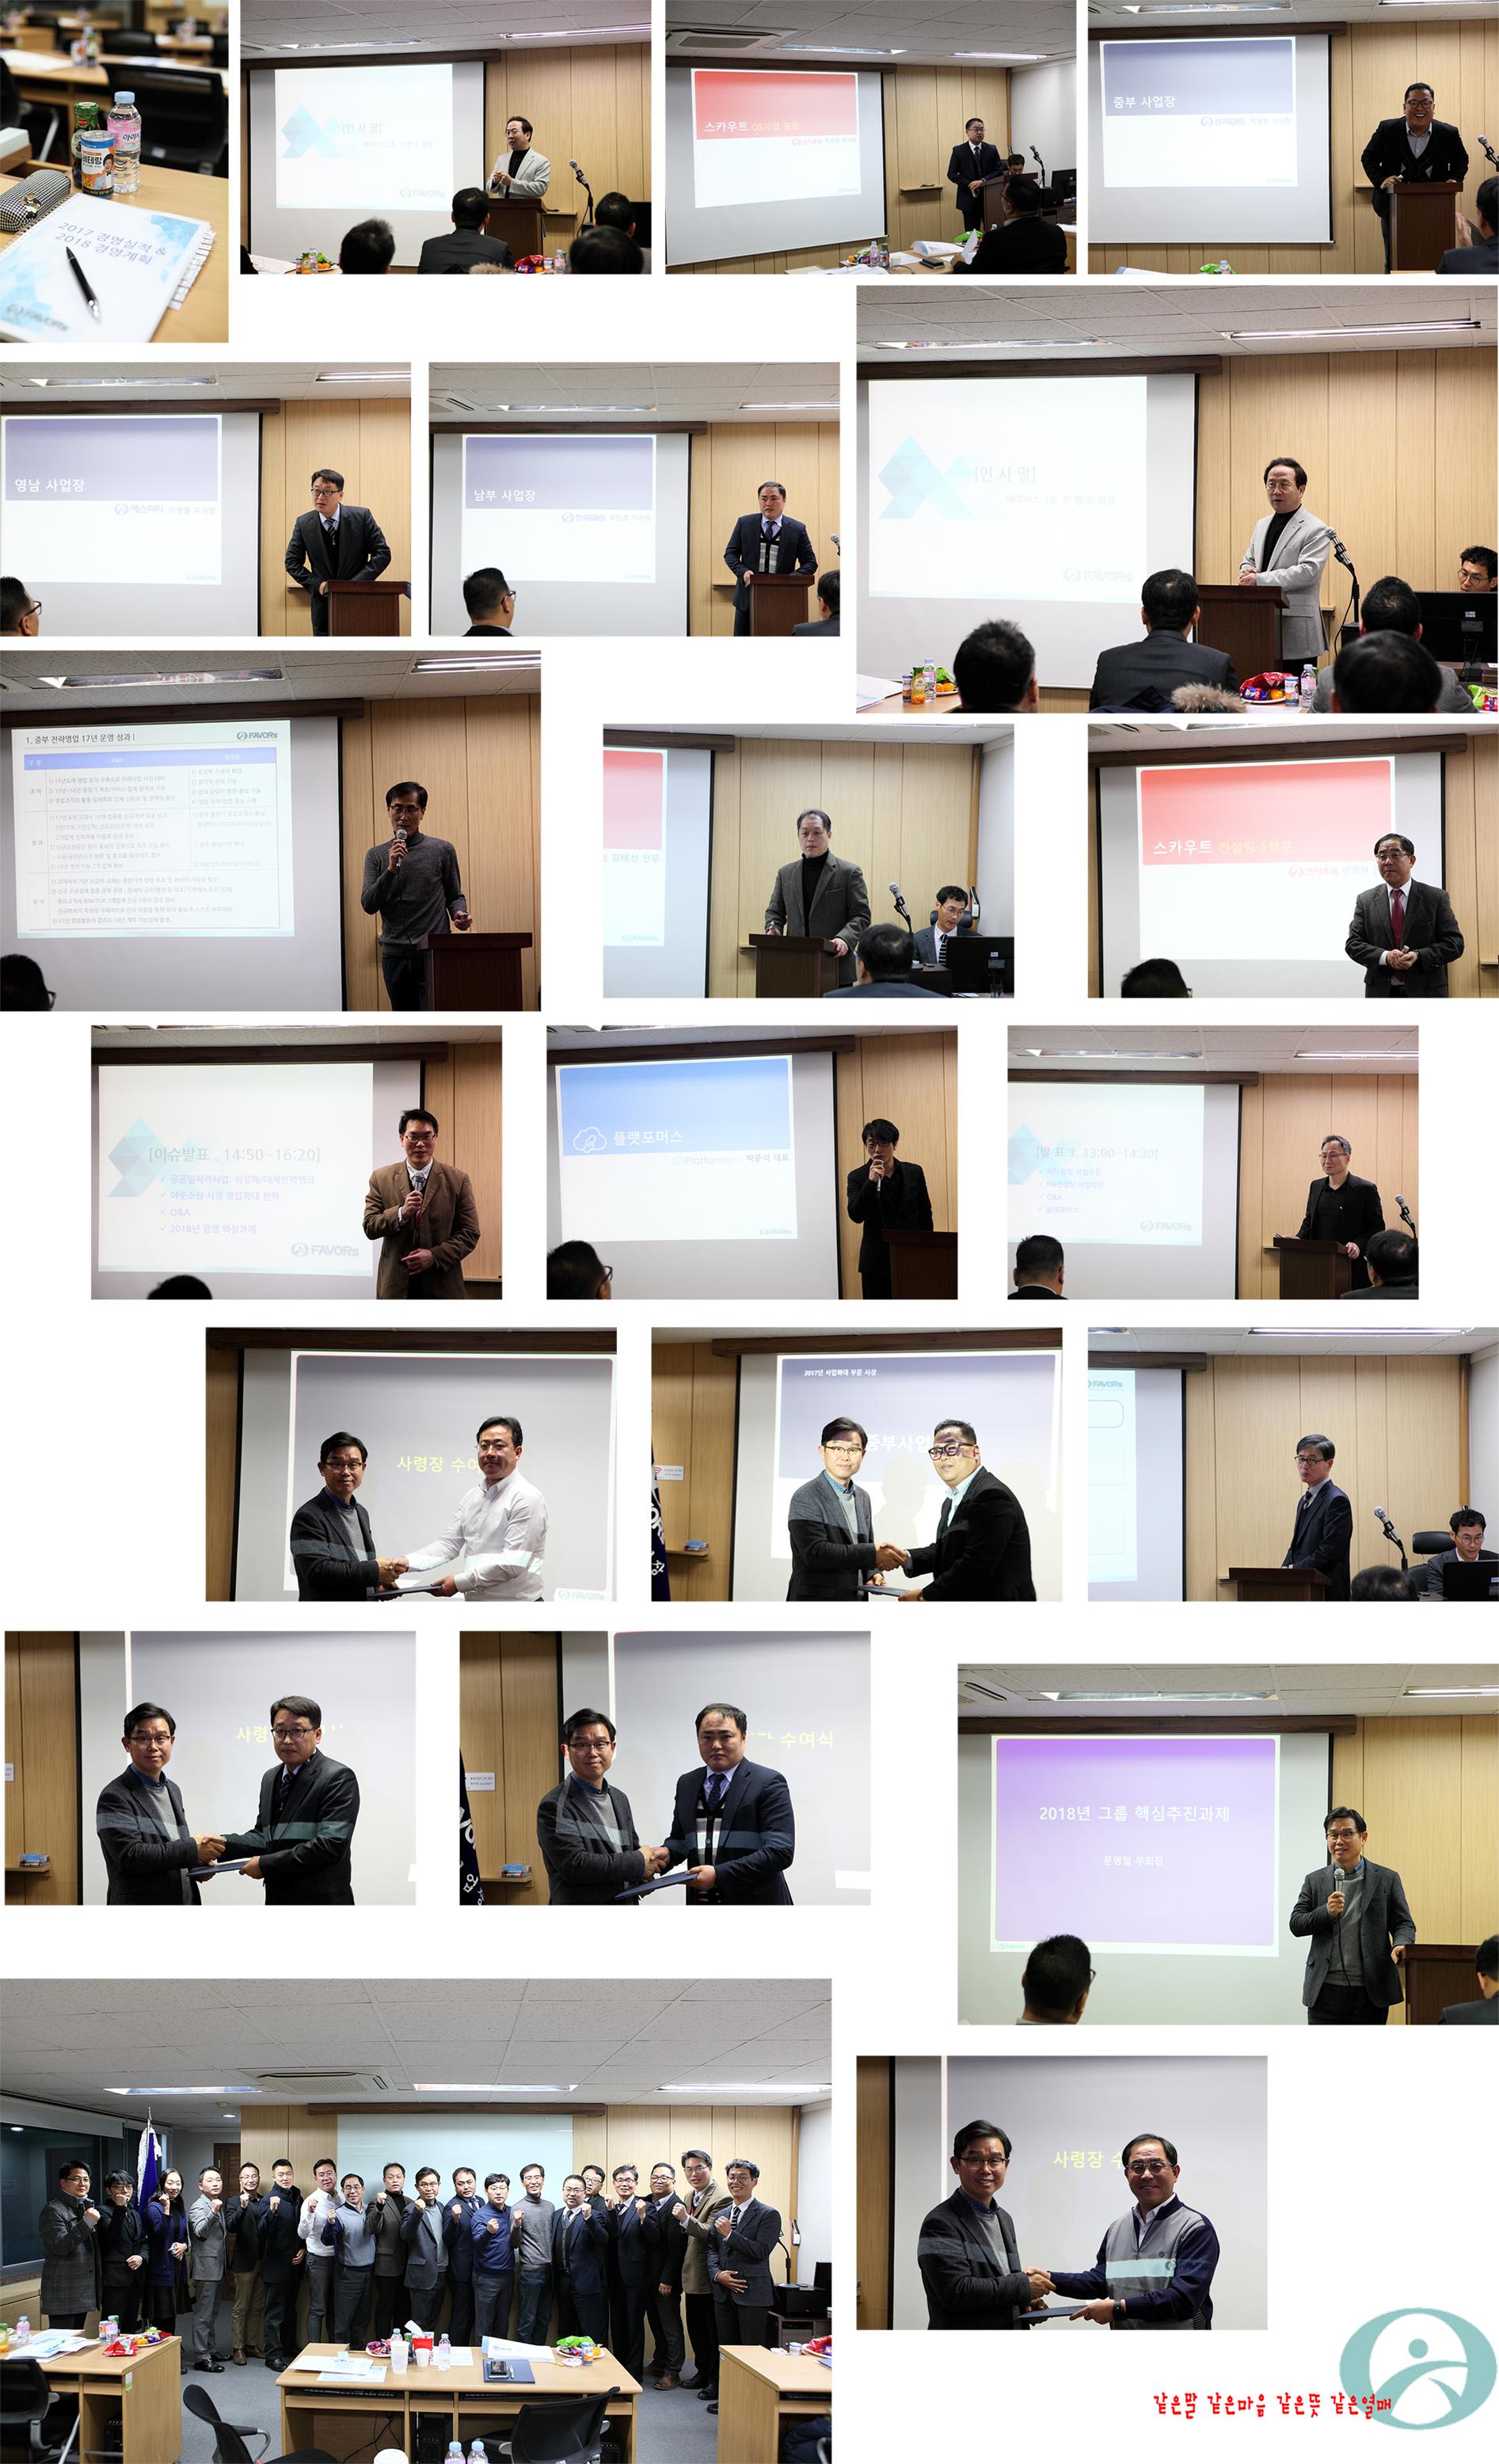 [17.12.20] 2017년 하반기 사업전략회의